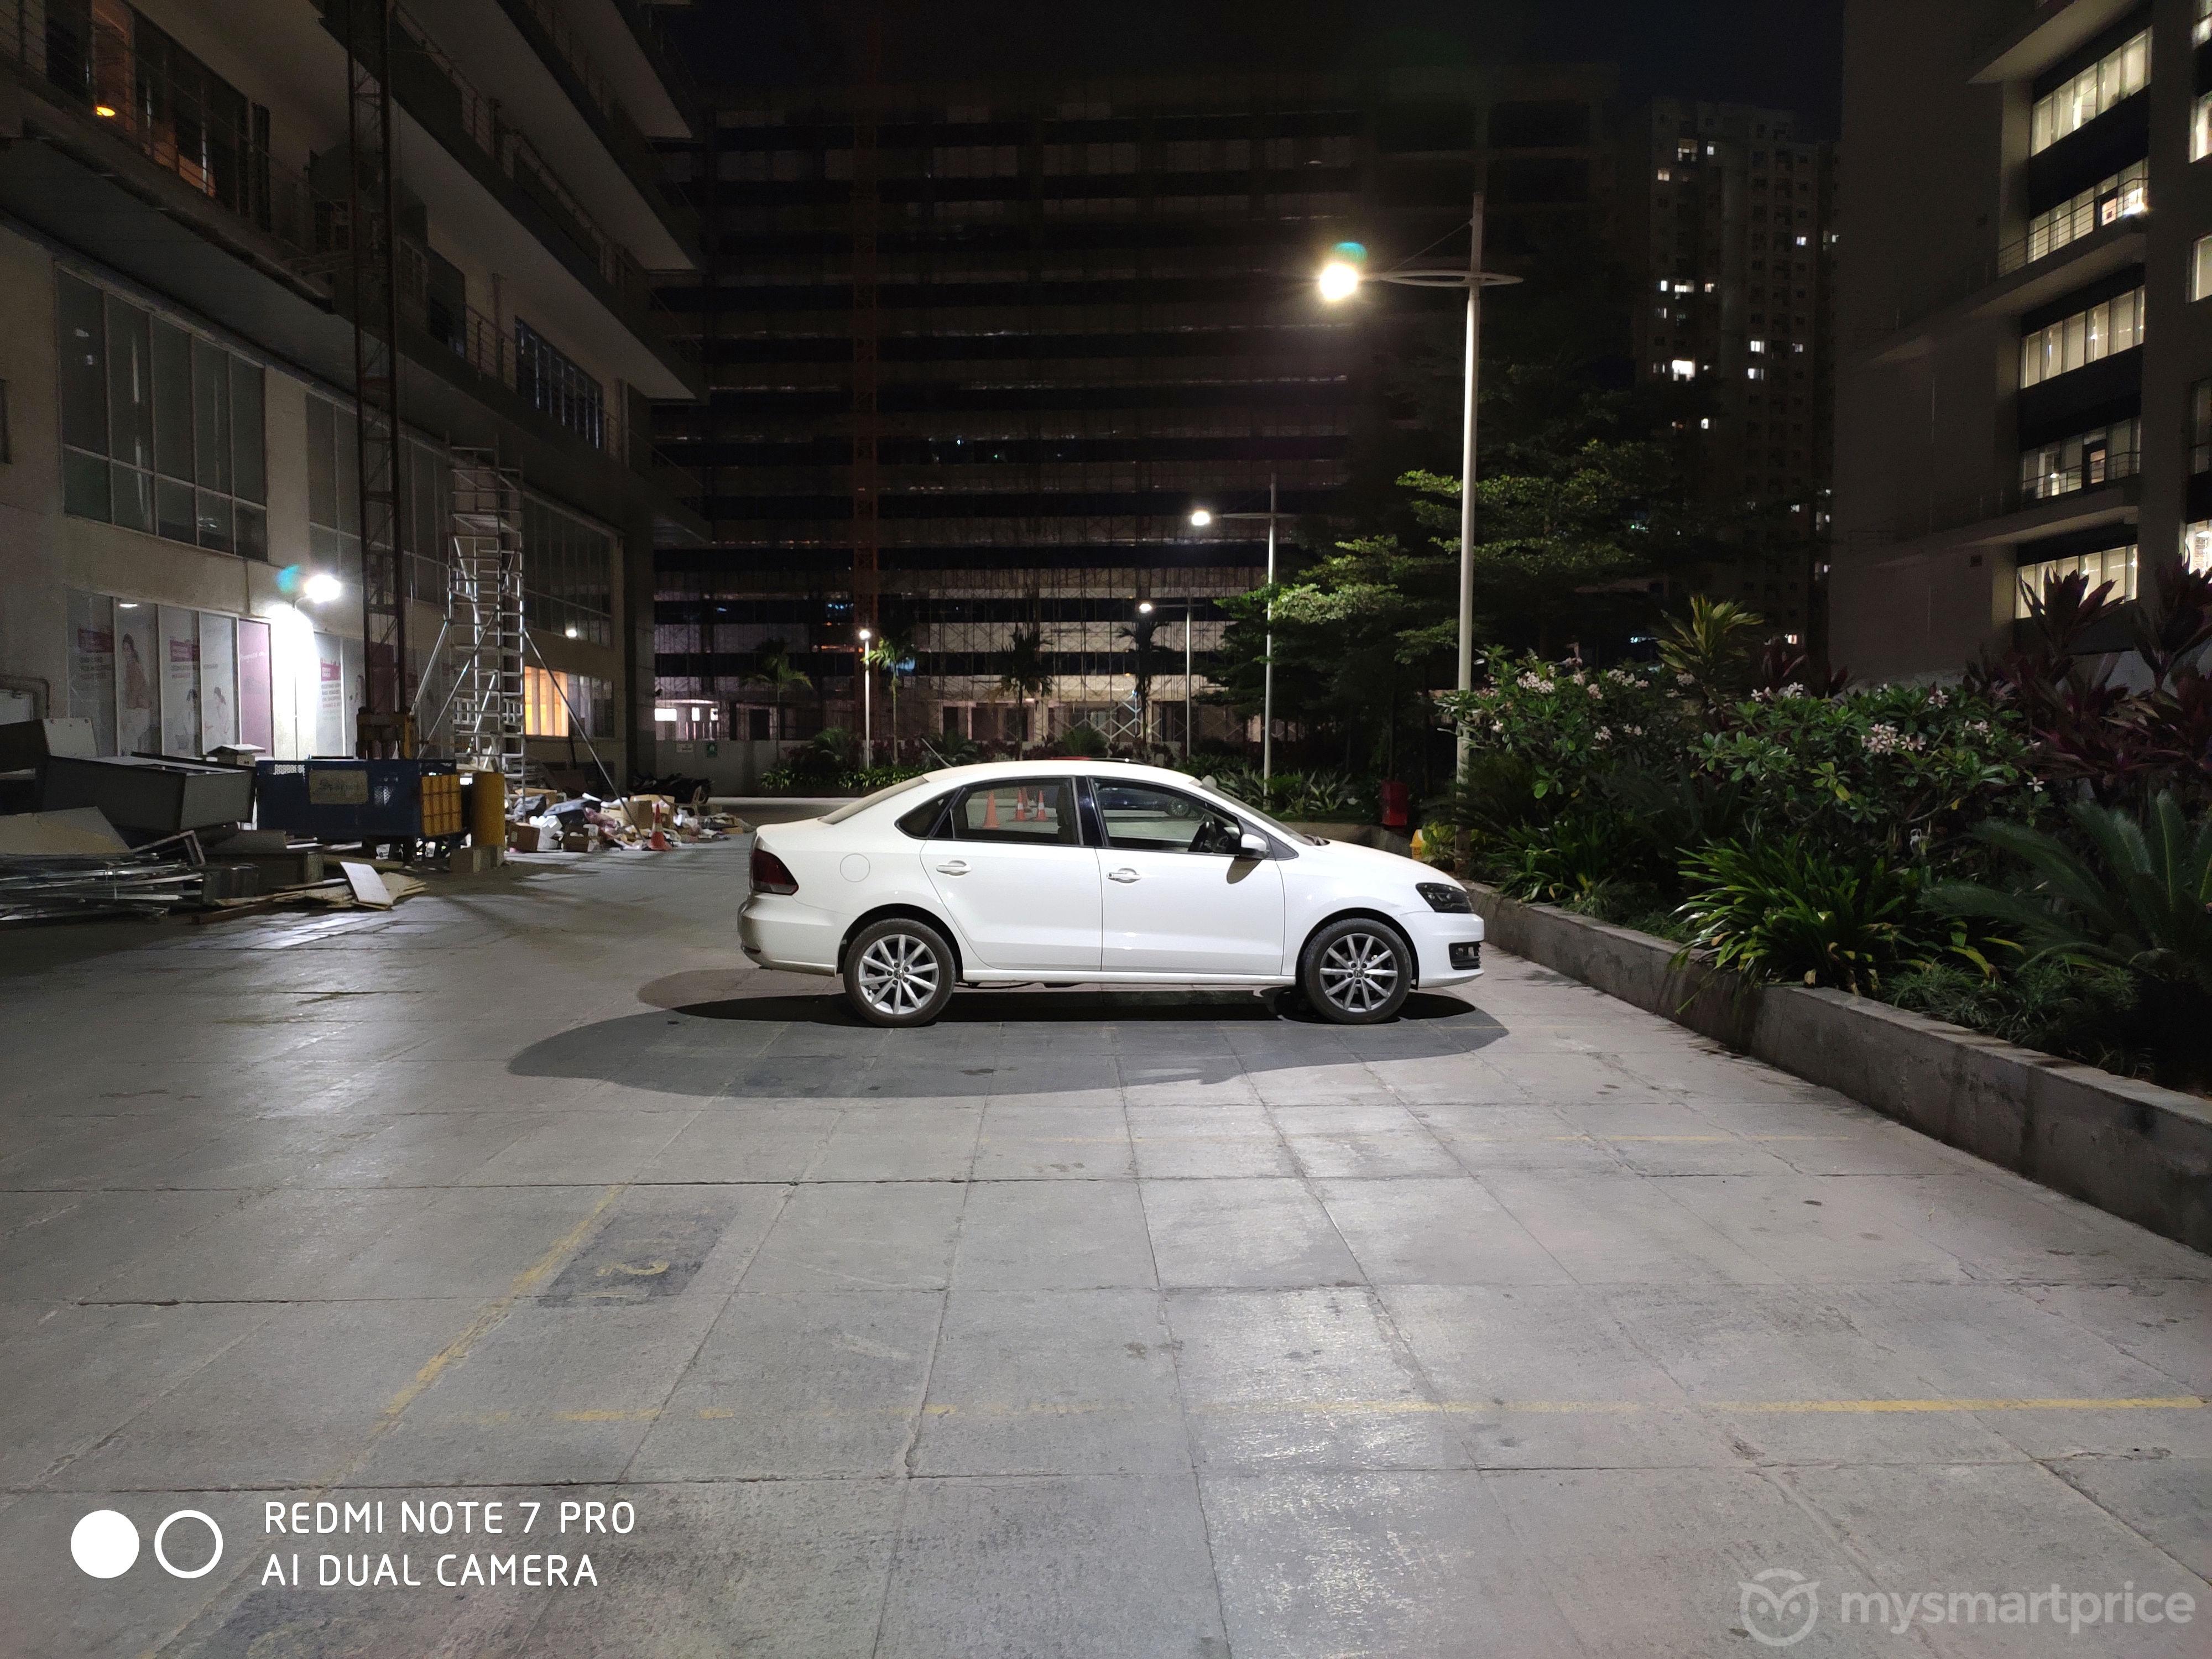 Xiaomi Redmi Note 7 Pro Lowlight Camera Sample 25